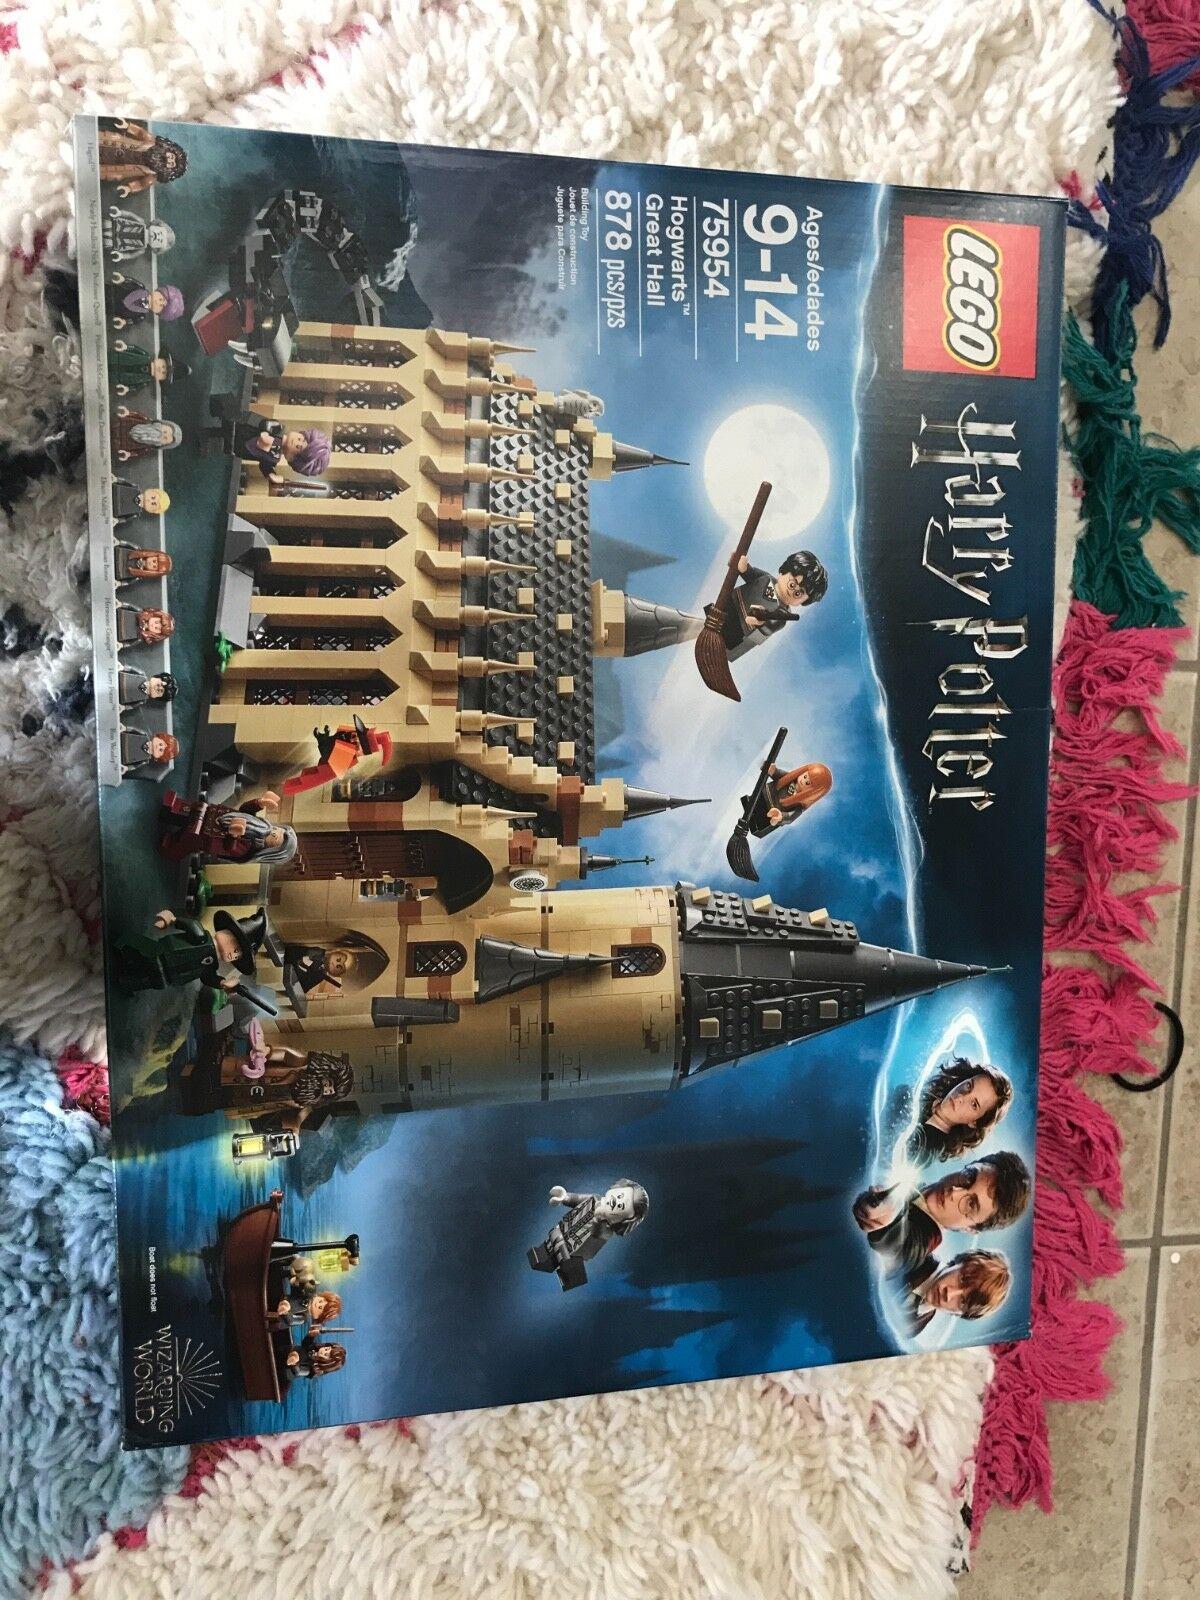 Lego Harry Potter 75954 mundo mágico de Hogwarts gran Salón Nuevo en Caja 2018